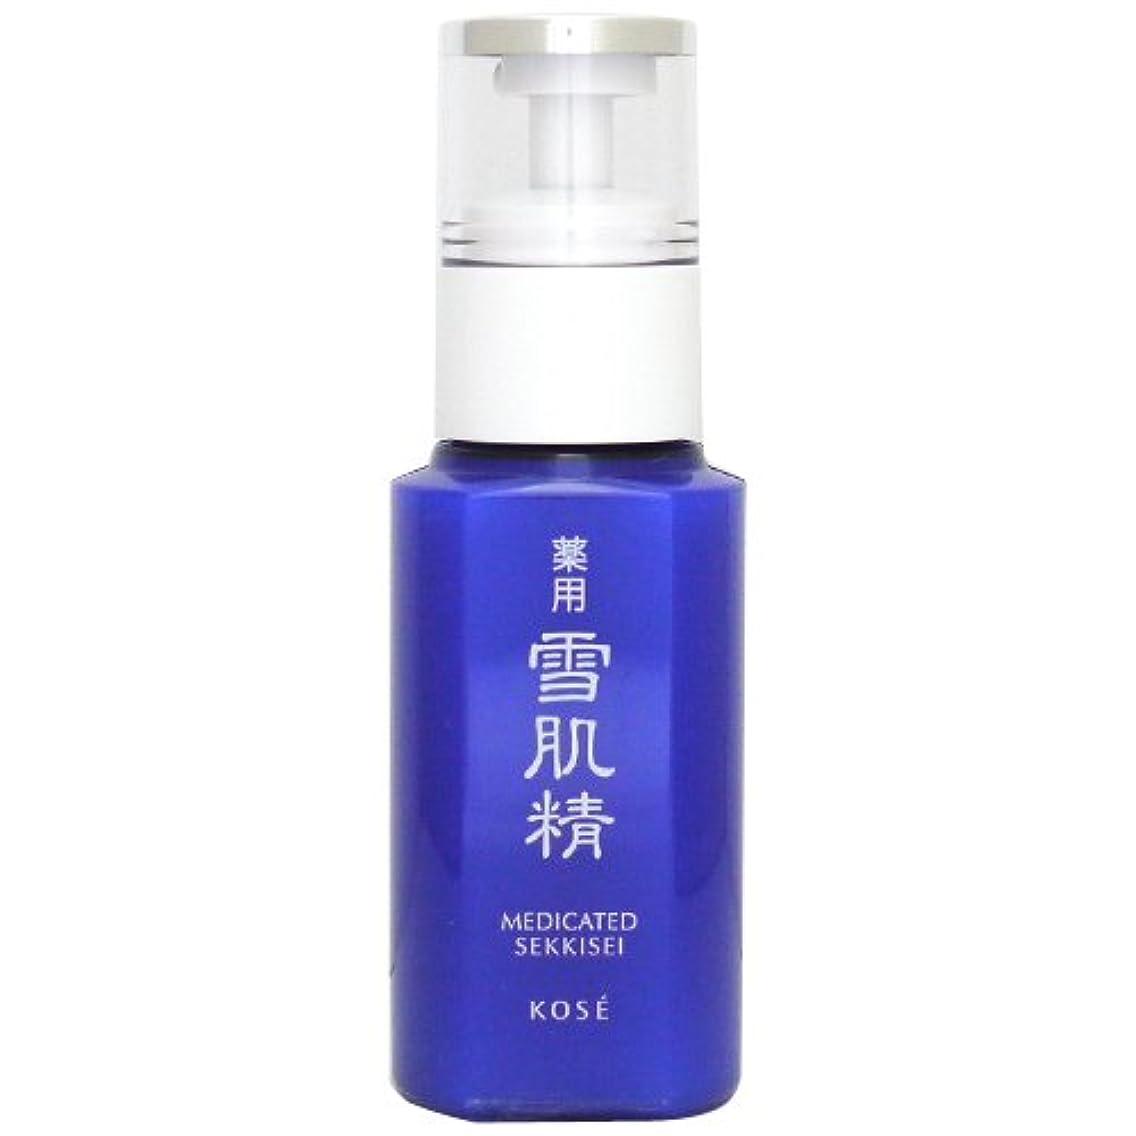 徐々にアークコットンコーセー雪肌精 薬用 乳液(トライアルサイズ) 限定 【save the blue】 70mL